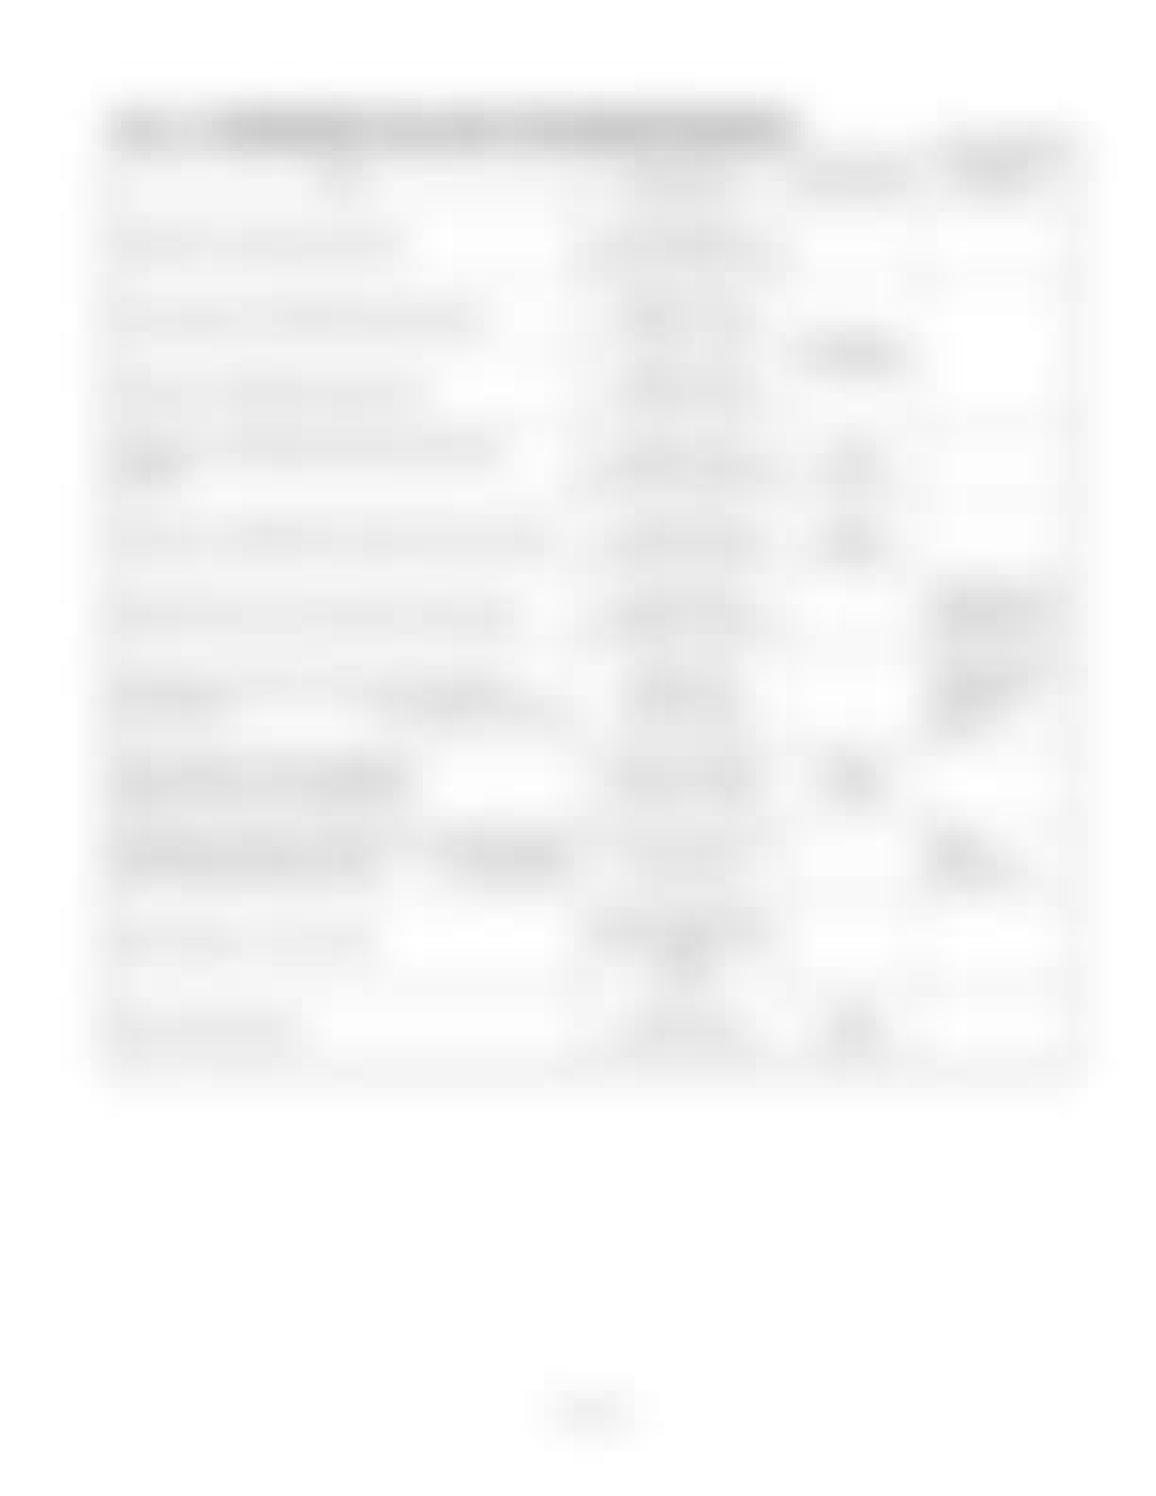 Hitachi LX110-7 LX130-7 LX160-7 LX190-7 LX230-7 Wheel Loader Workshop Manual - PDF DOWNLOAD page 253